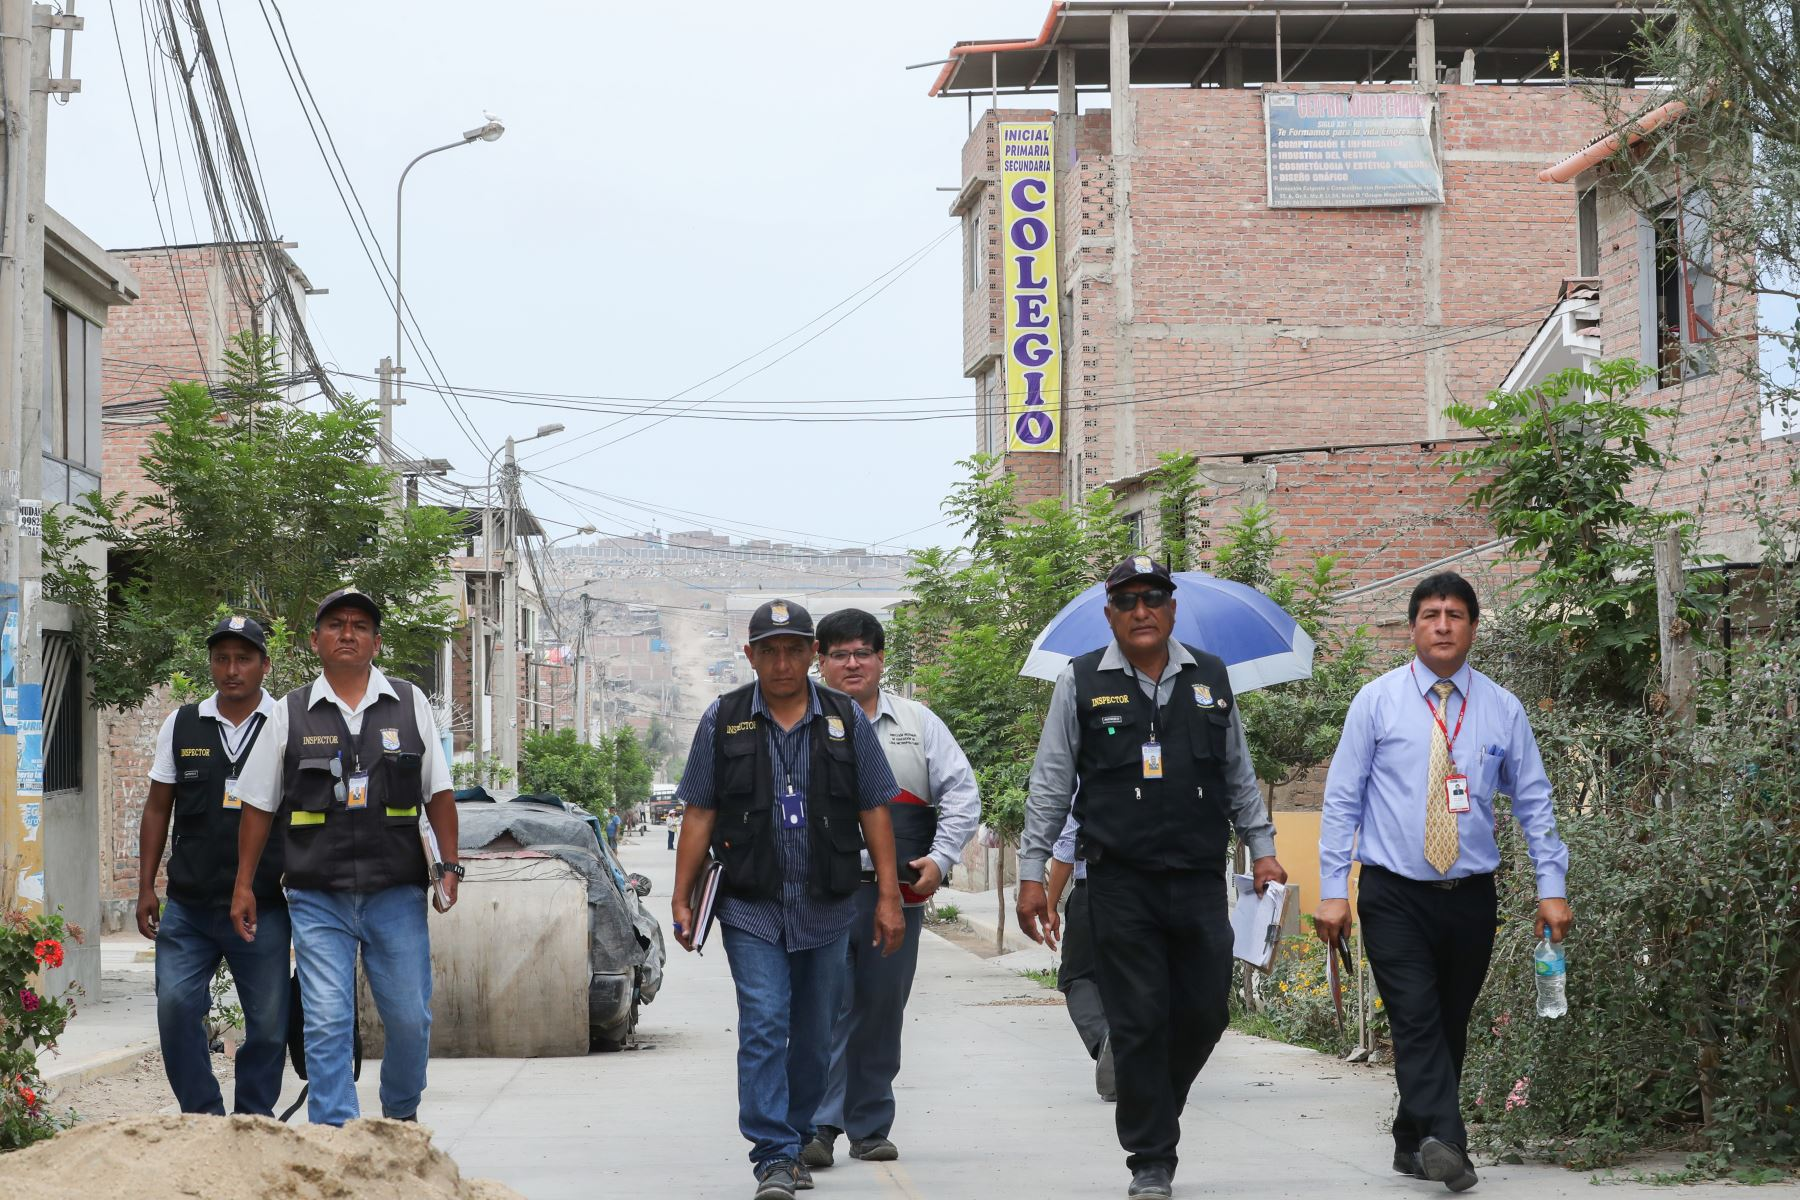 Operativo para cerrar colegios ilegales en Villa el Salvador.Foto: ANDINA/Juan Carlos Guzmán Negrini.